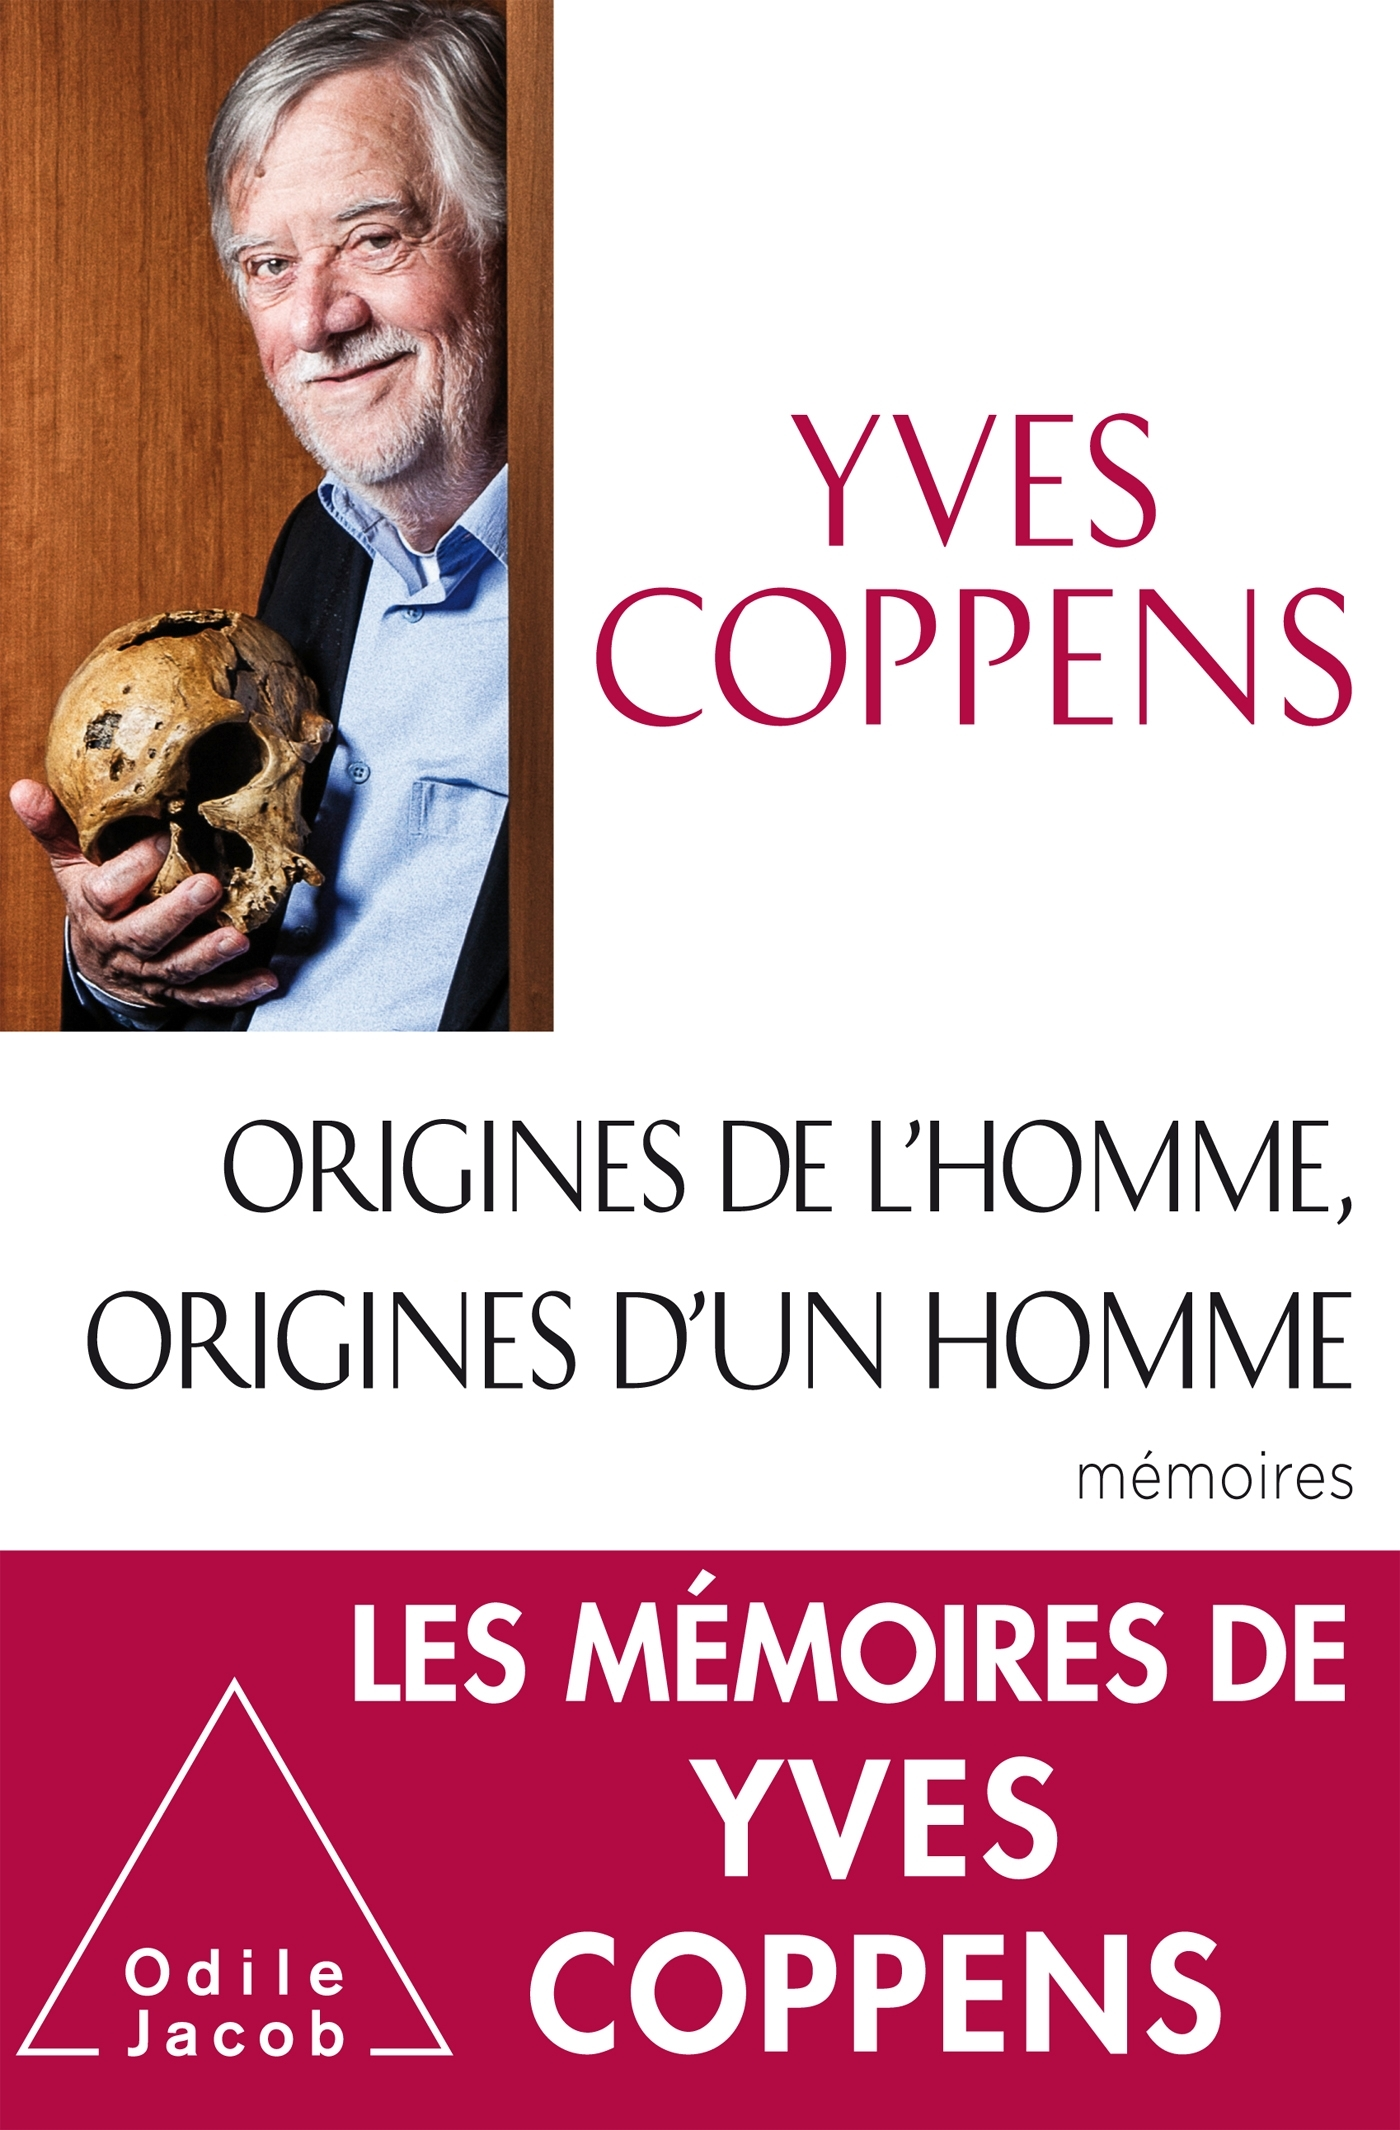 ORIGINES DE L'HOMME, ORIGINES D'UN HOMME